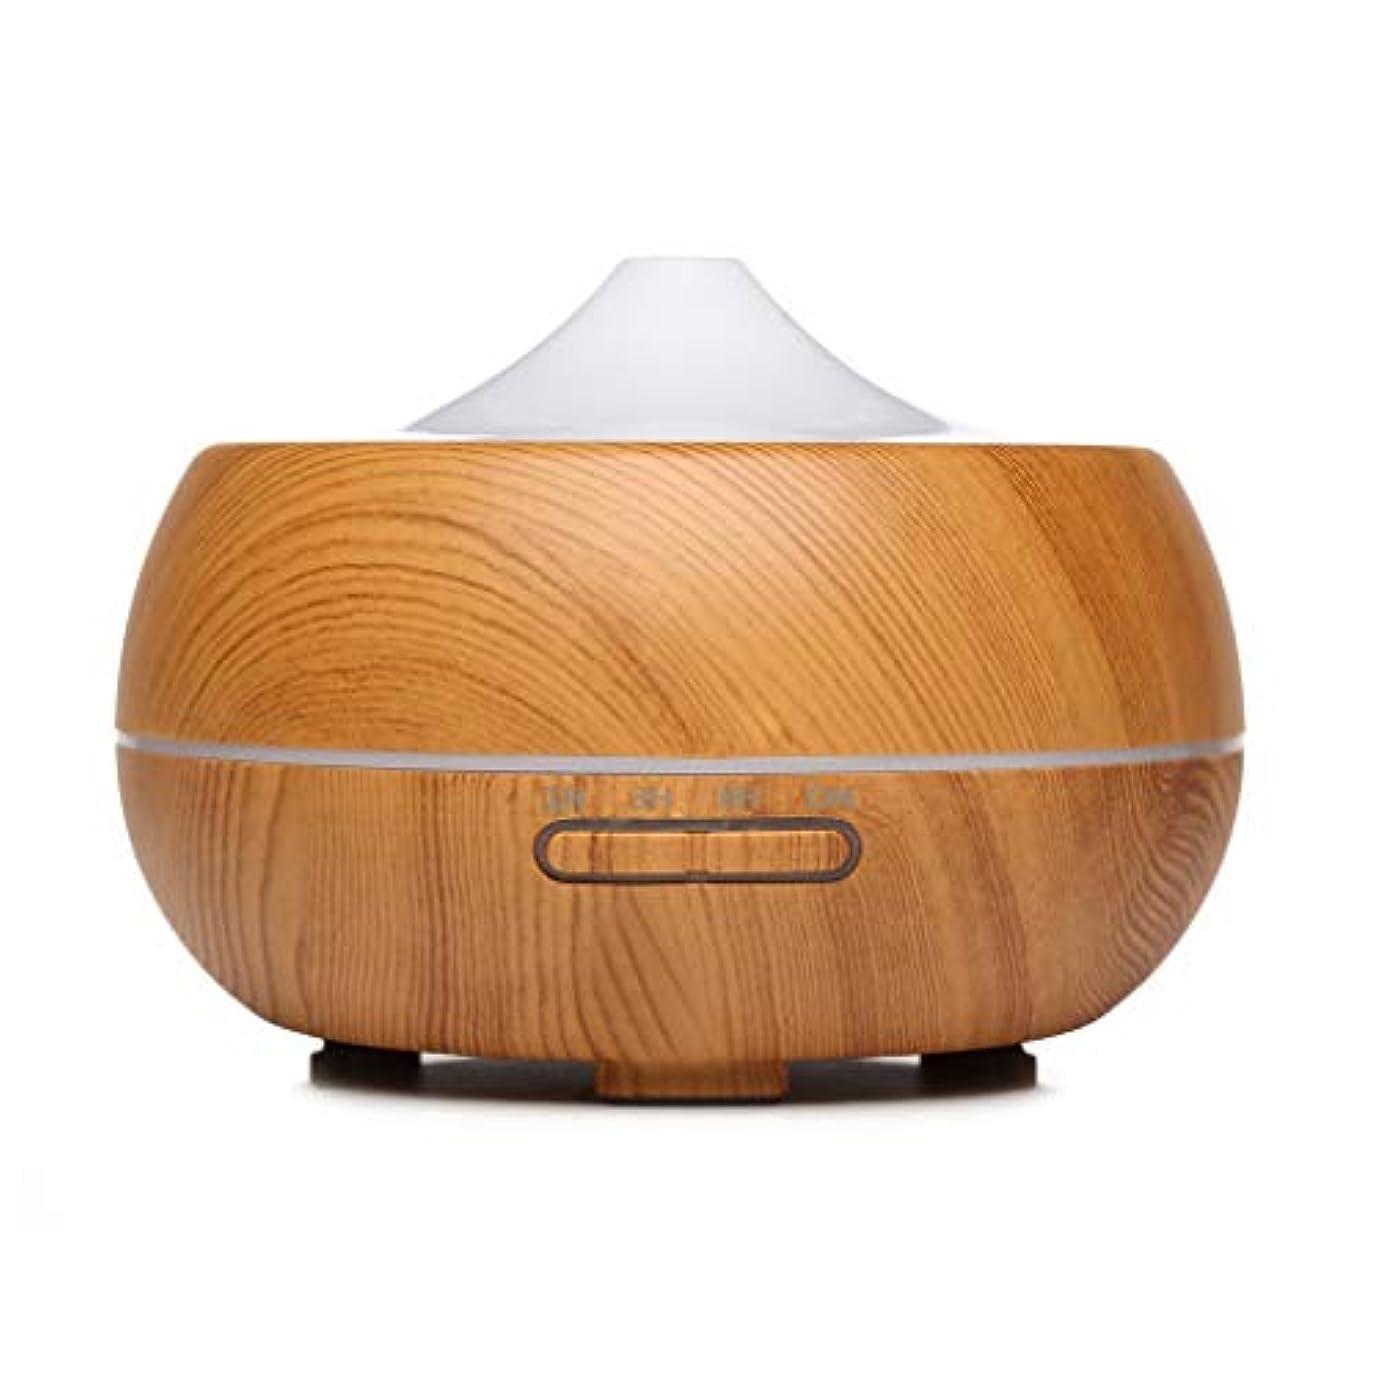 踊り子相手無礼に300ミリリットルクールミスト加湿器超音波不可欠ディフューザー用オフィスホームベッドルームリビングルーム研究ヨガスパ、木目 (Color : Light wood grain)